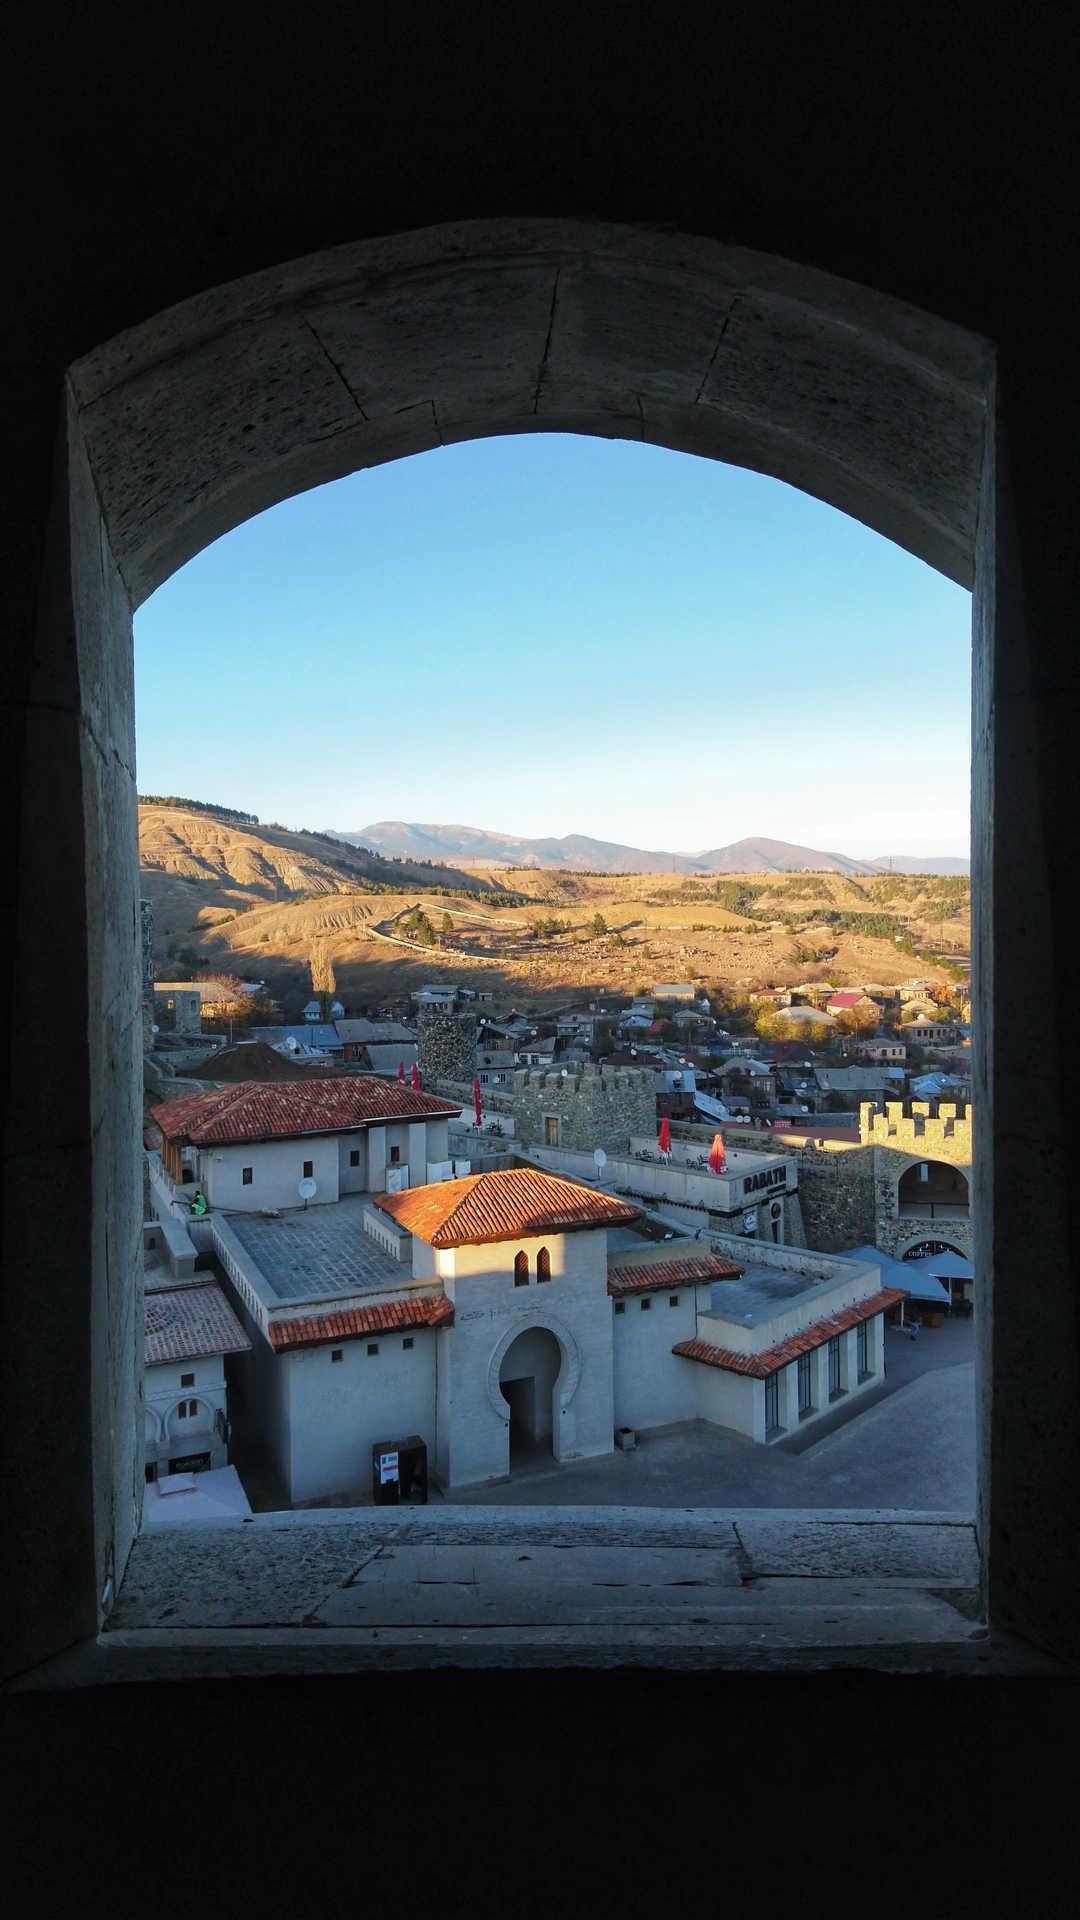 Akhaltsikhe - widok z okna w wieży